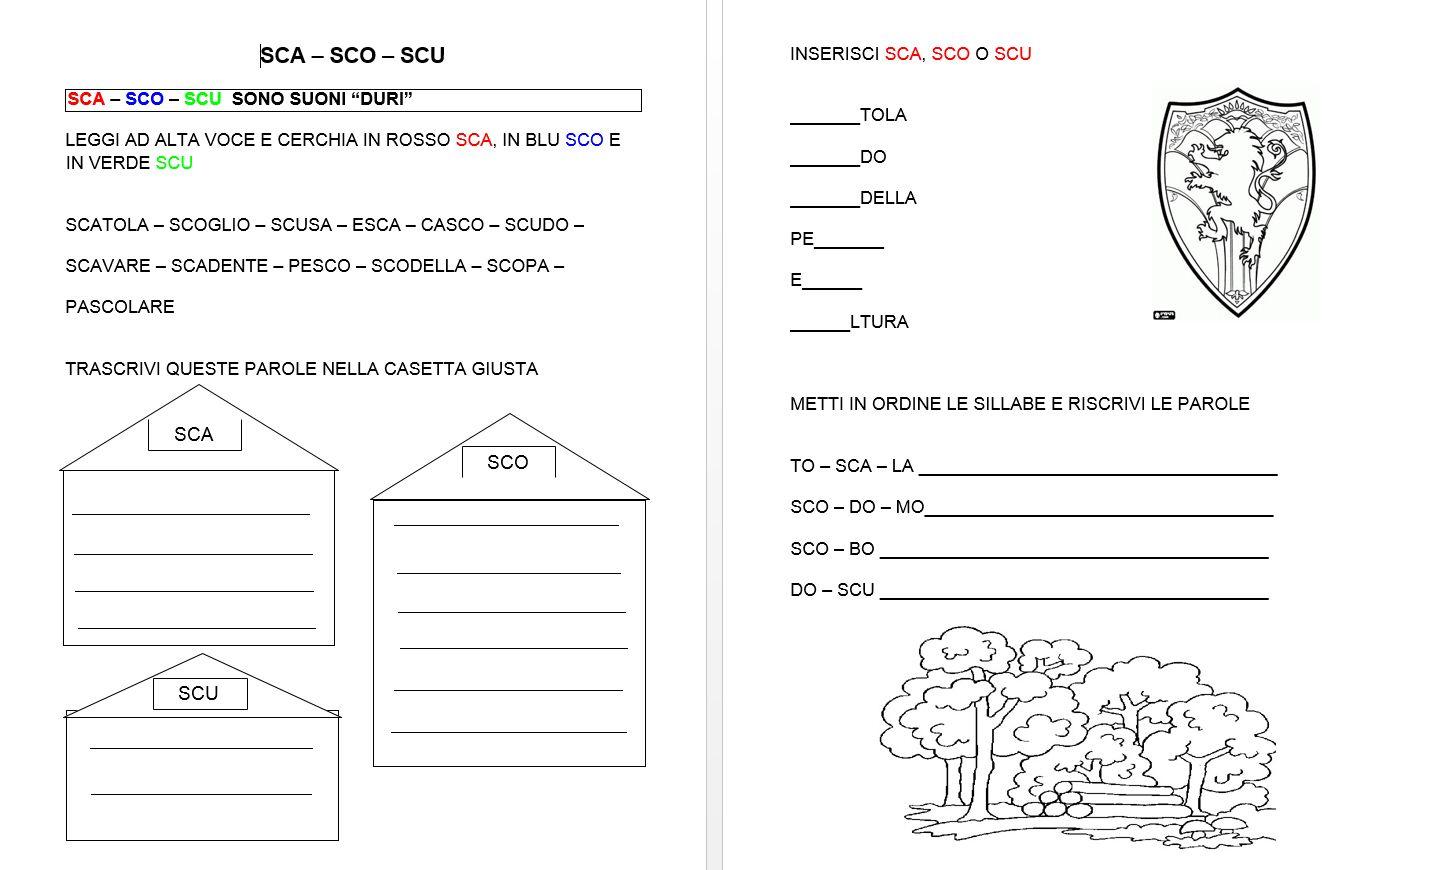 schede didattiche sca sco scu trovate sul web italiano On sca sco scu classe prima